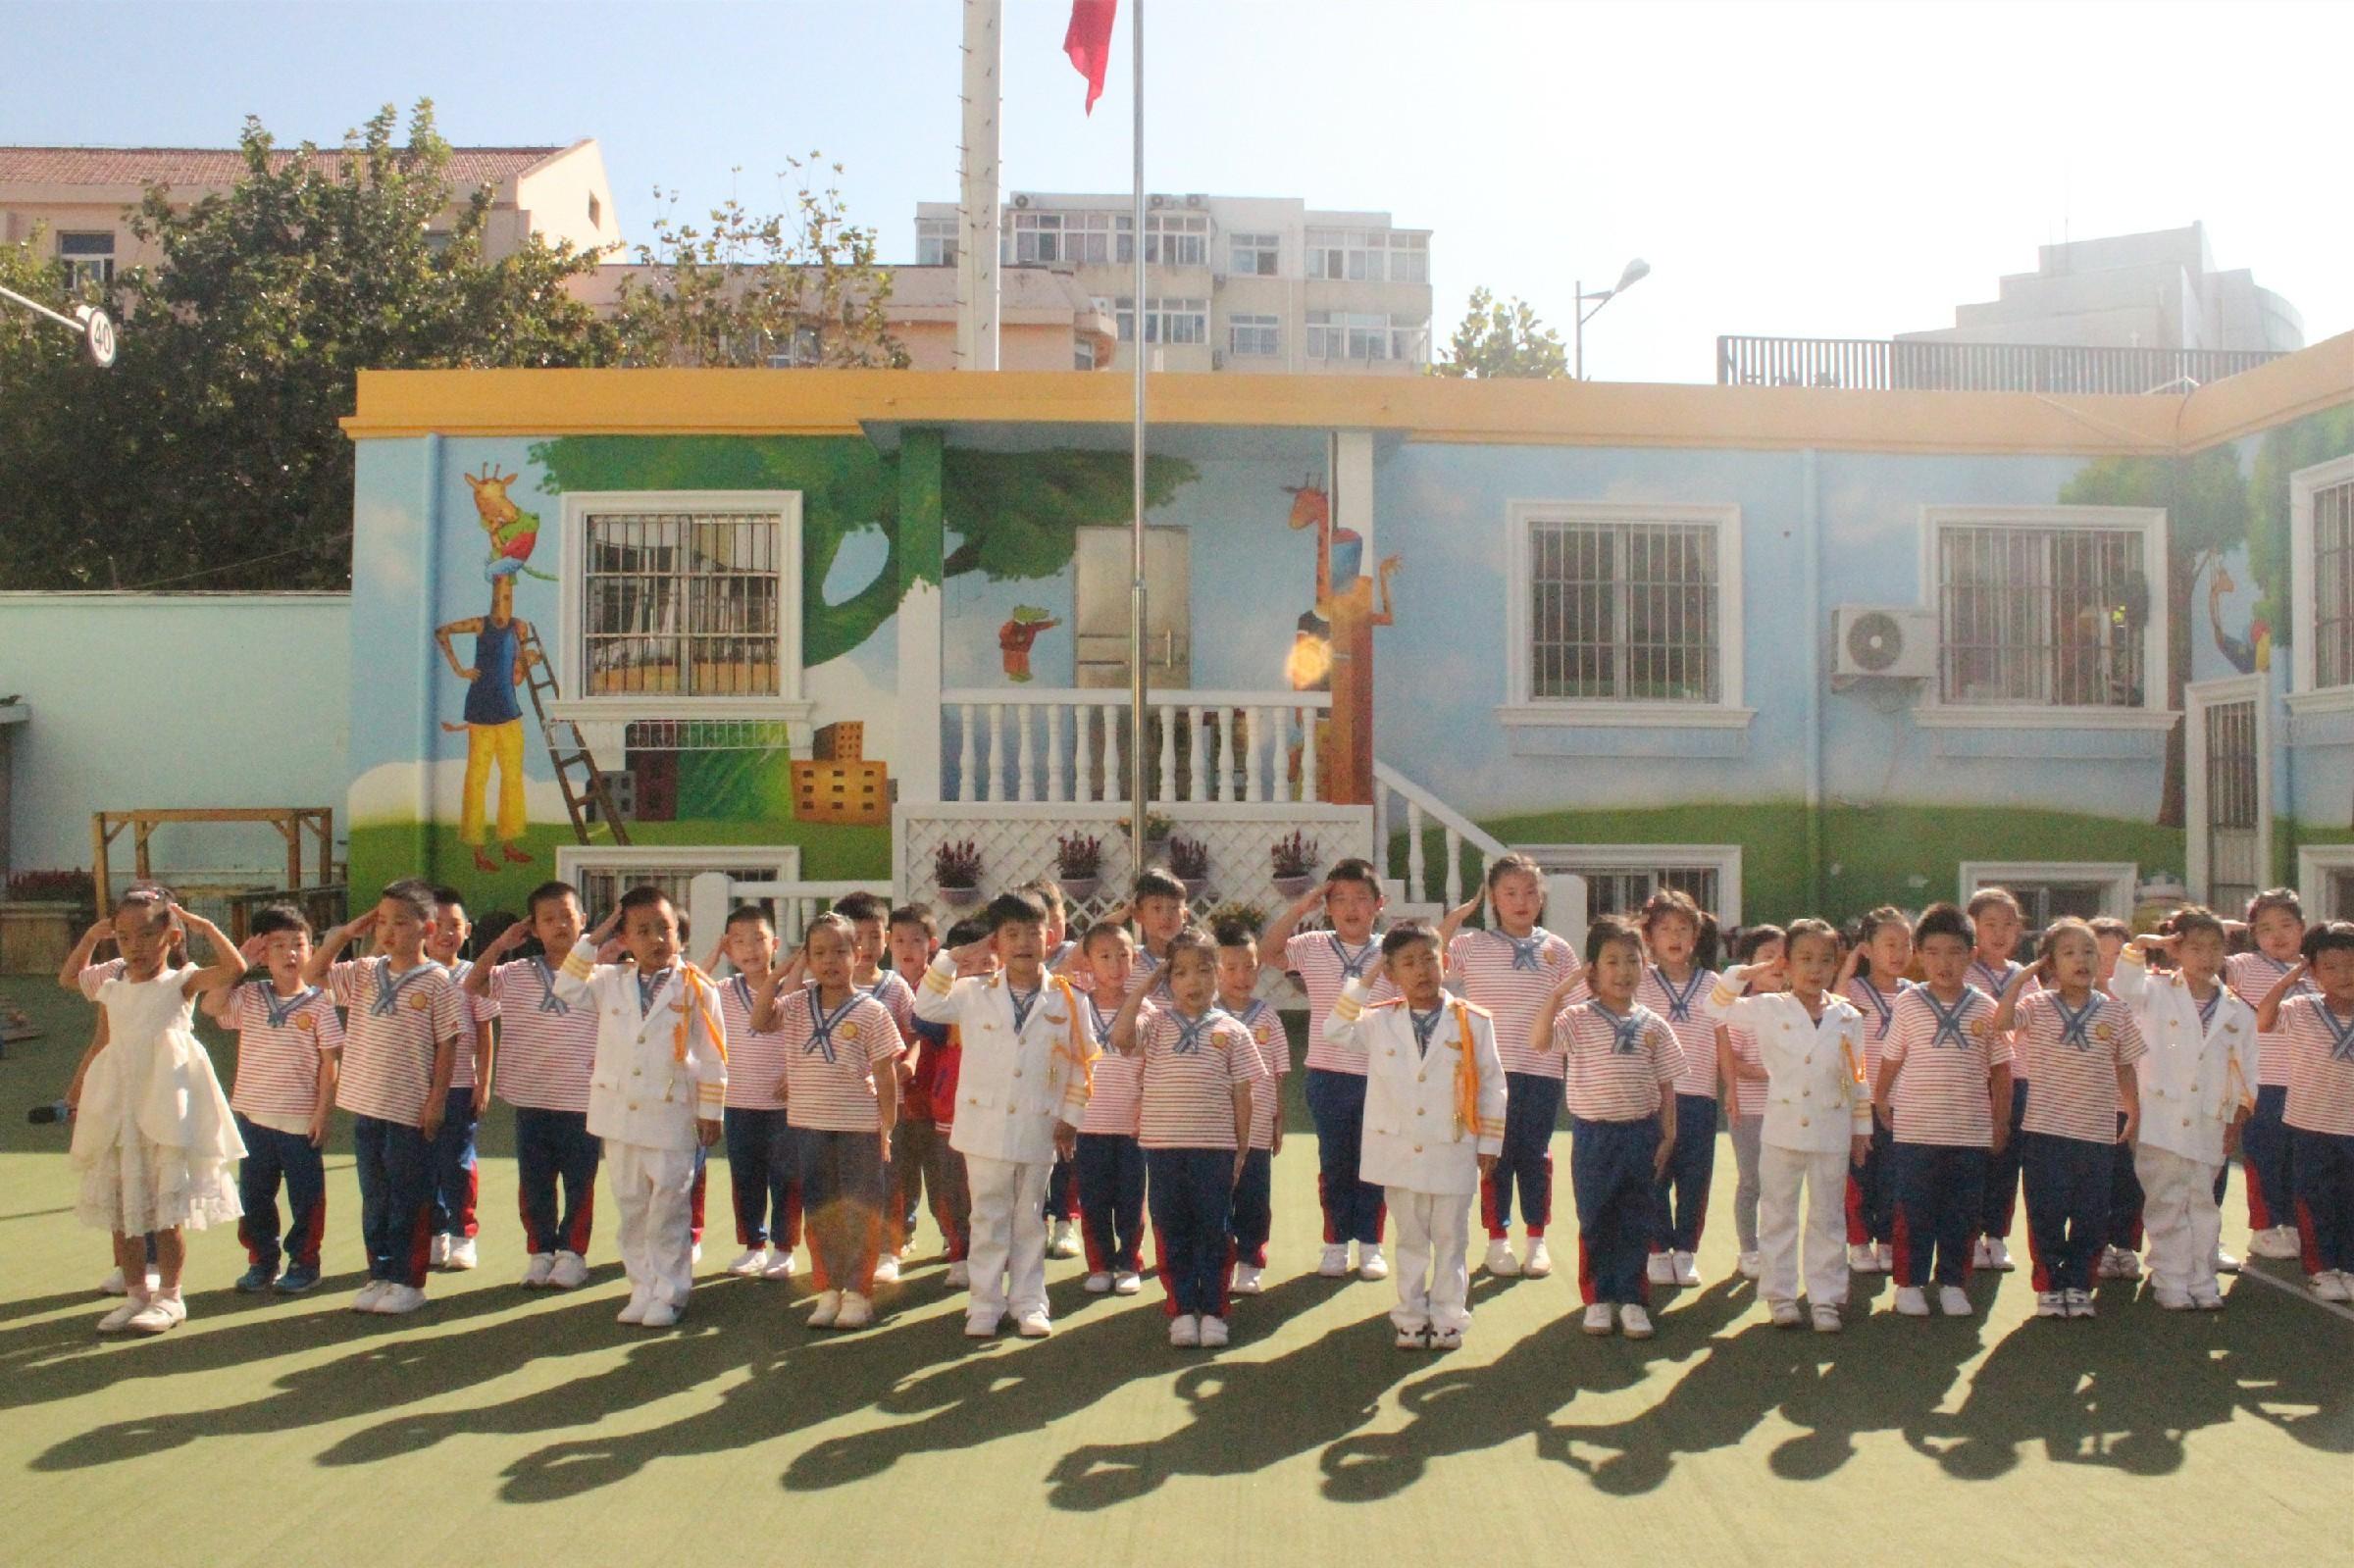 20190923市北区四方幼儿园平安园区举行升国旗仪式2.jpg